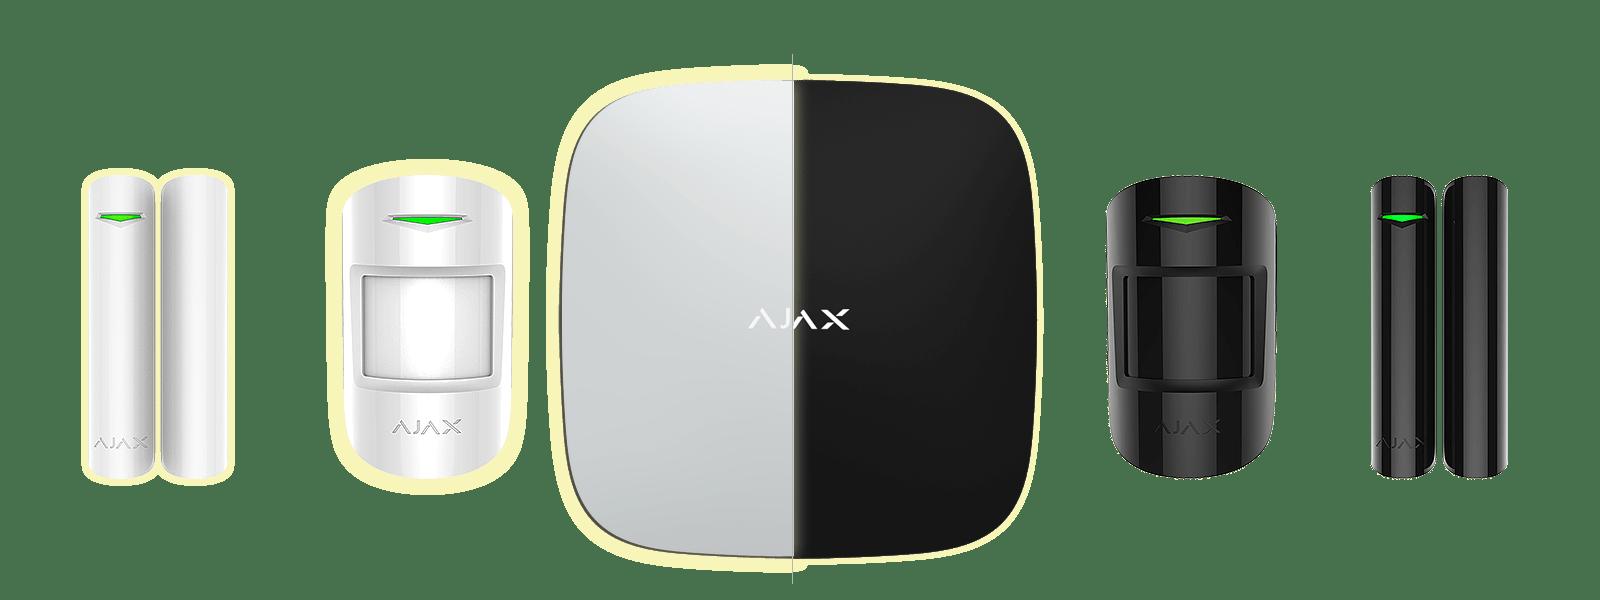 AJAX – Sistema seguridad inalámbrica de última generación, grado II